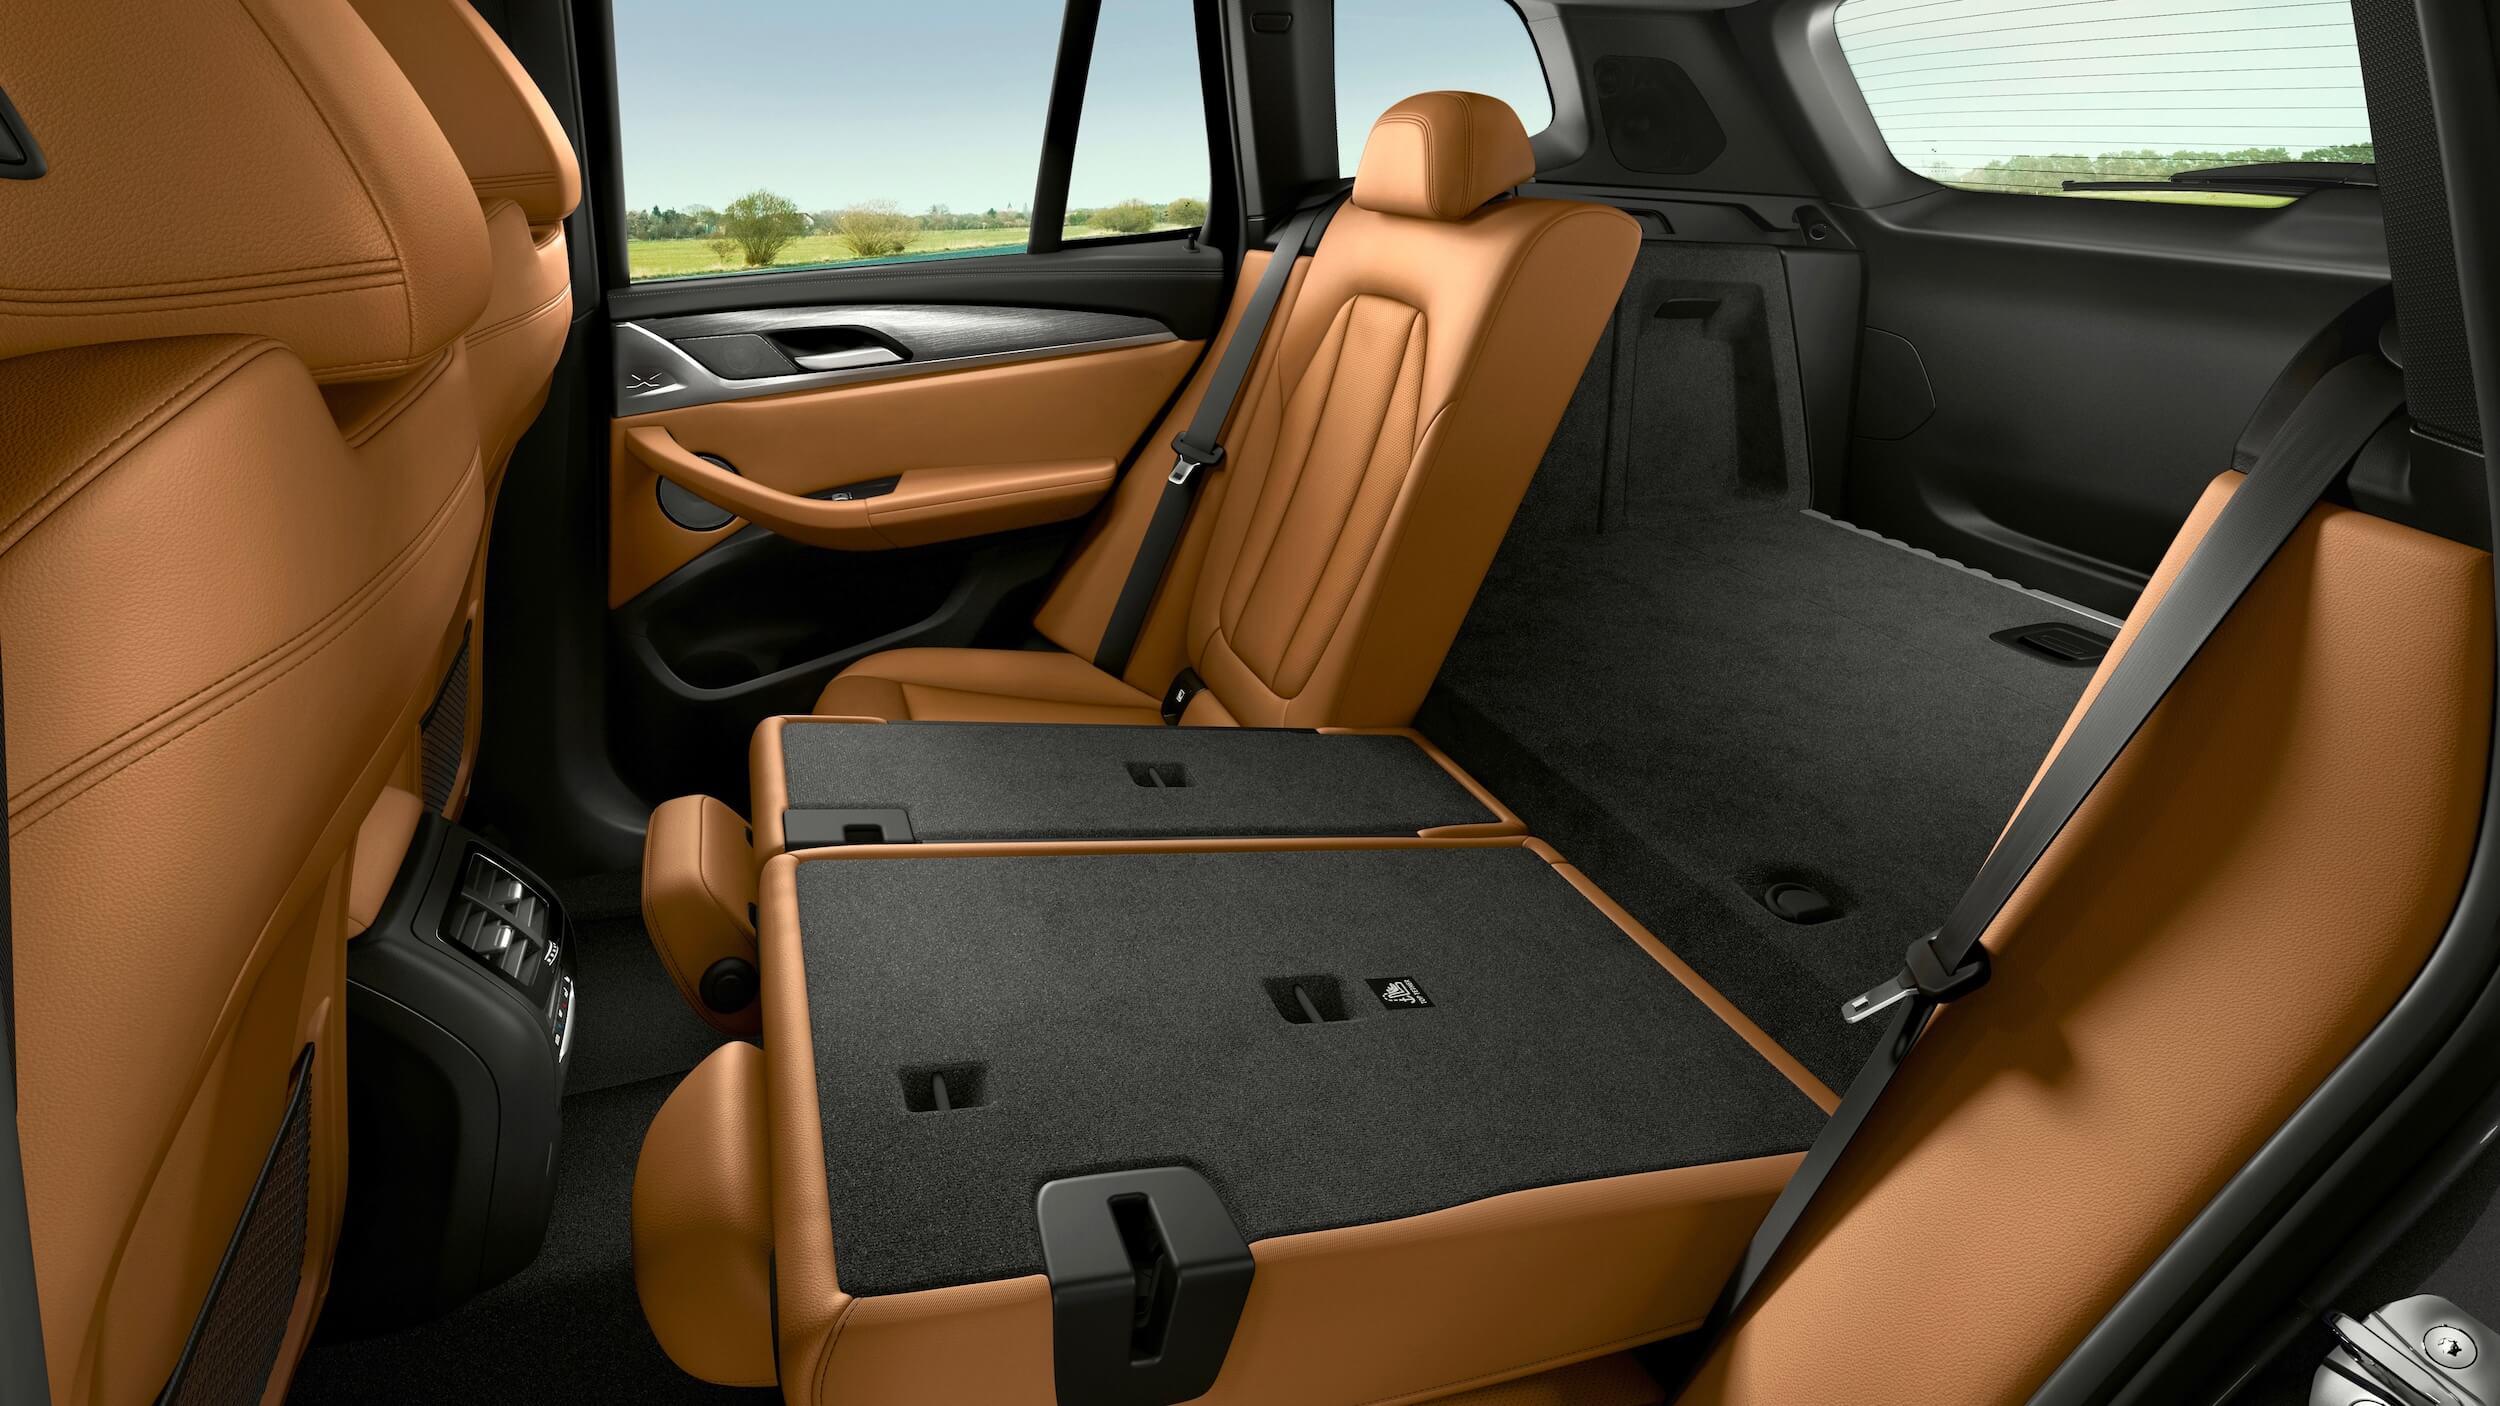 BMW X3 xDrive30e seats flat